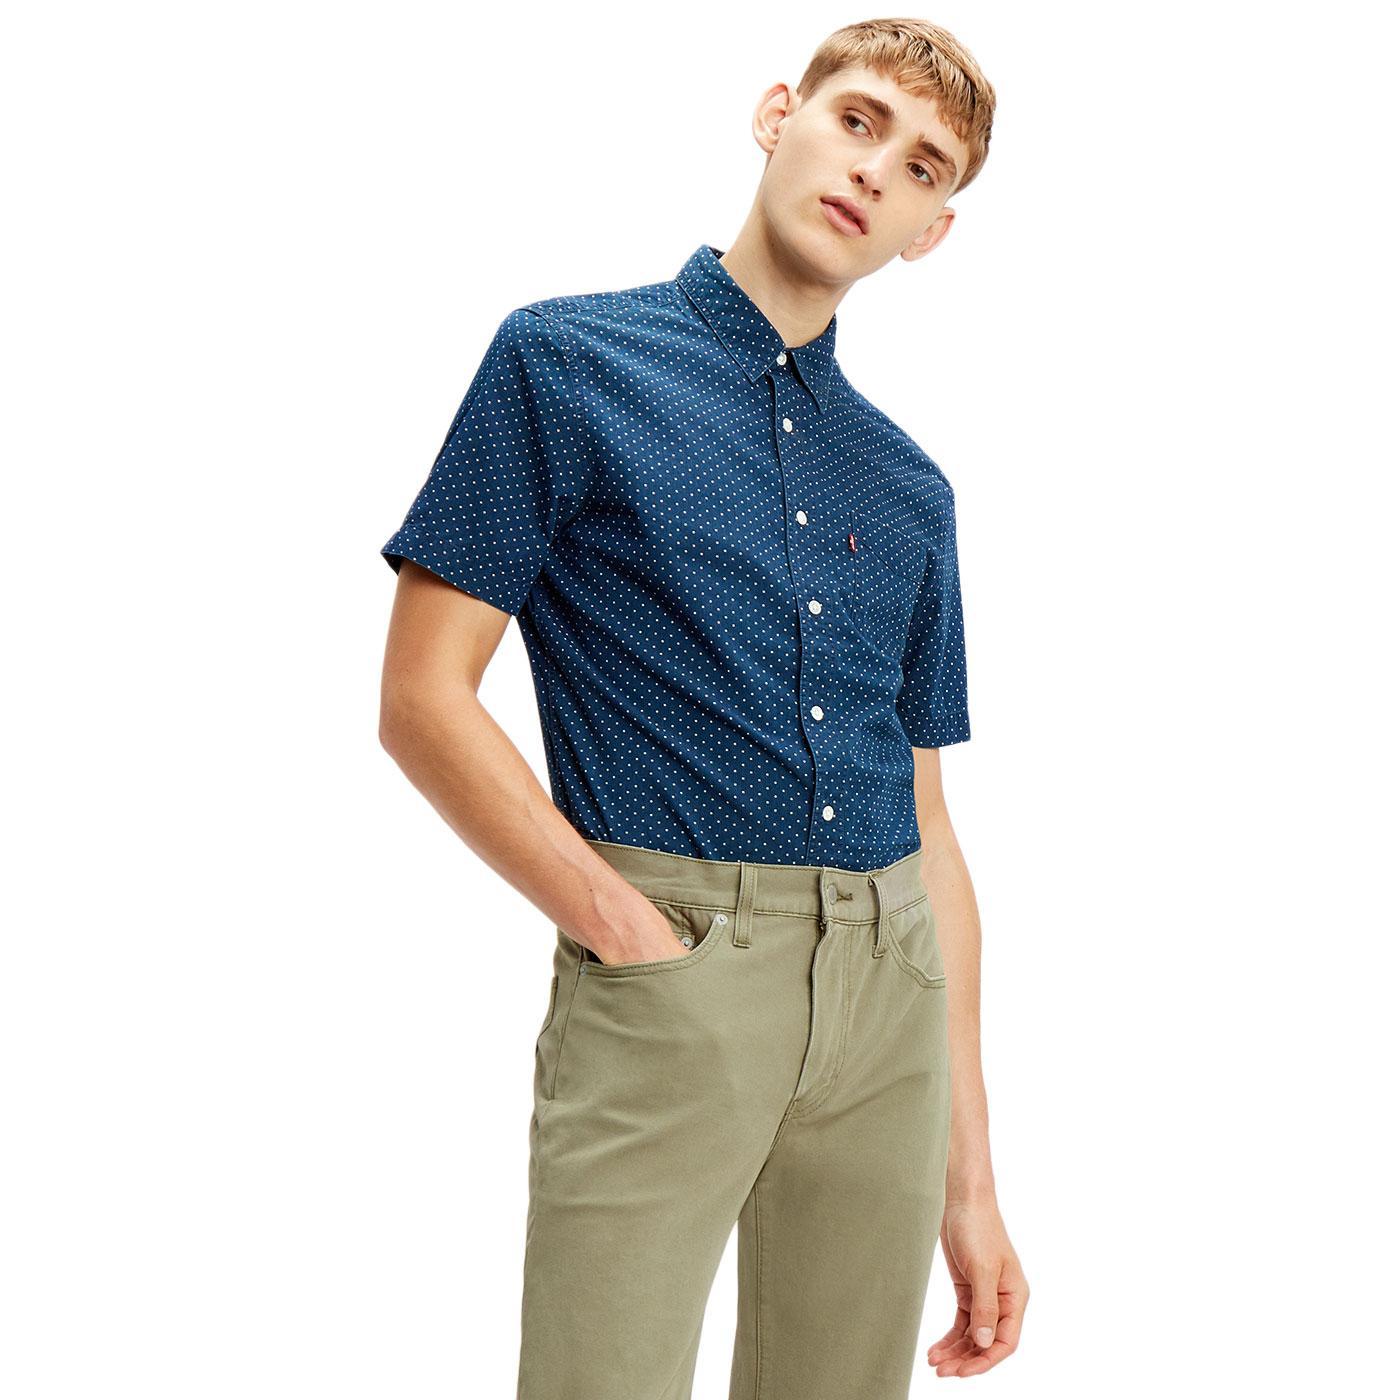 LEVI'S Retro Mod S/S Sunset 1 Pocket Pin Dot Shirt